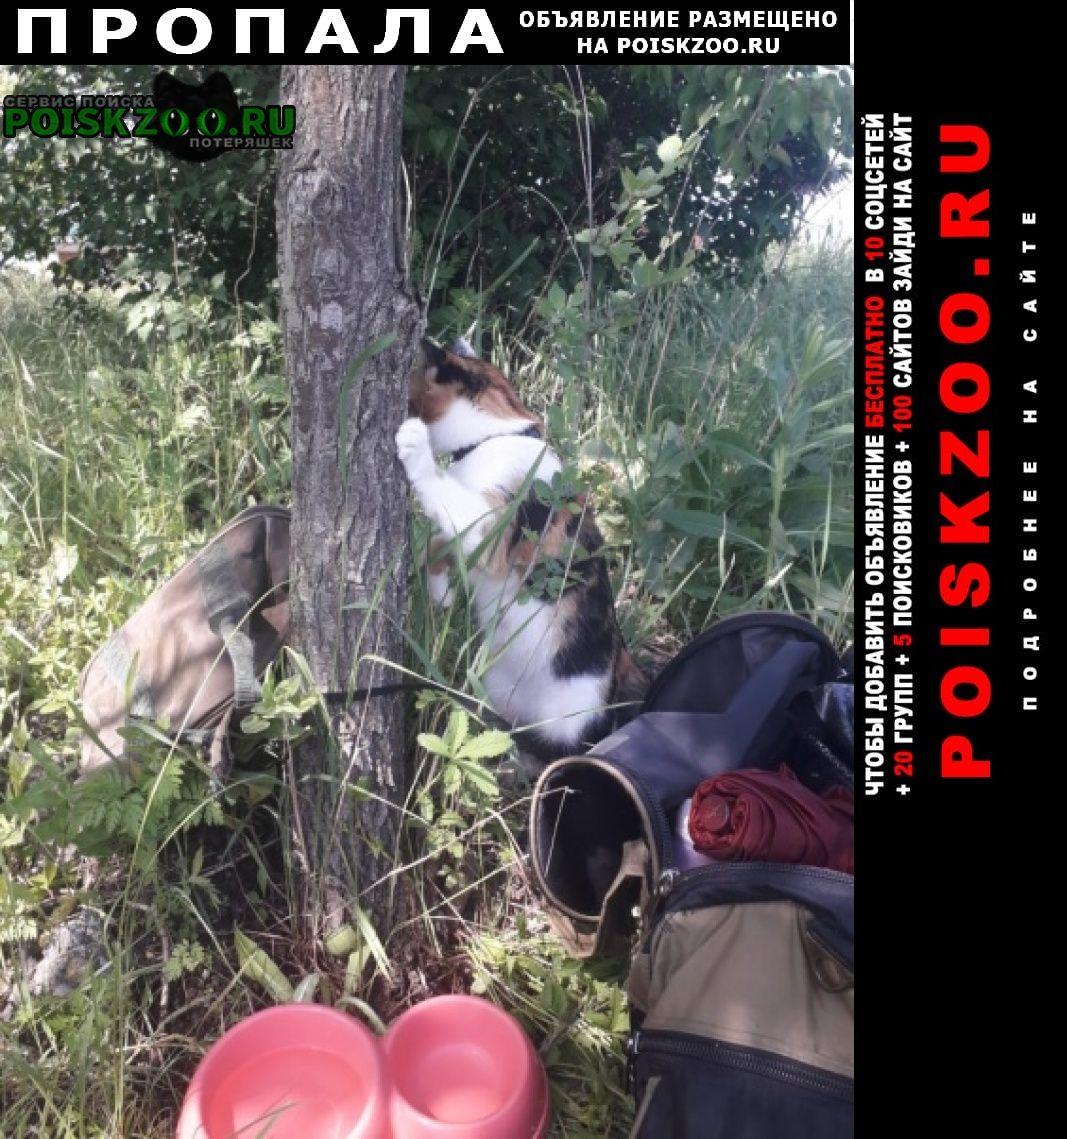 Пропала кошка на остановке ростовского моря Ростов-на-Дону